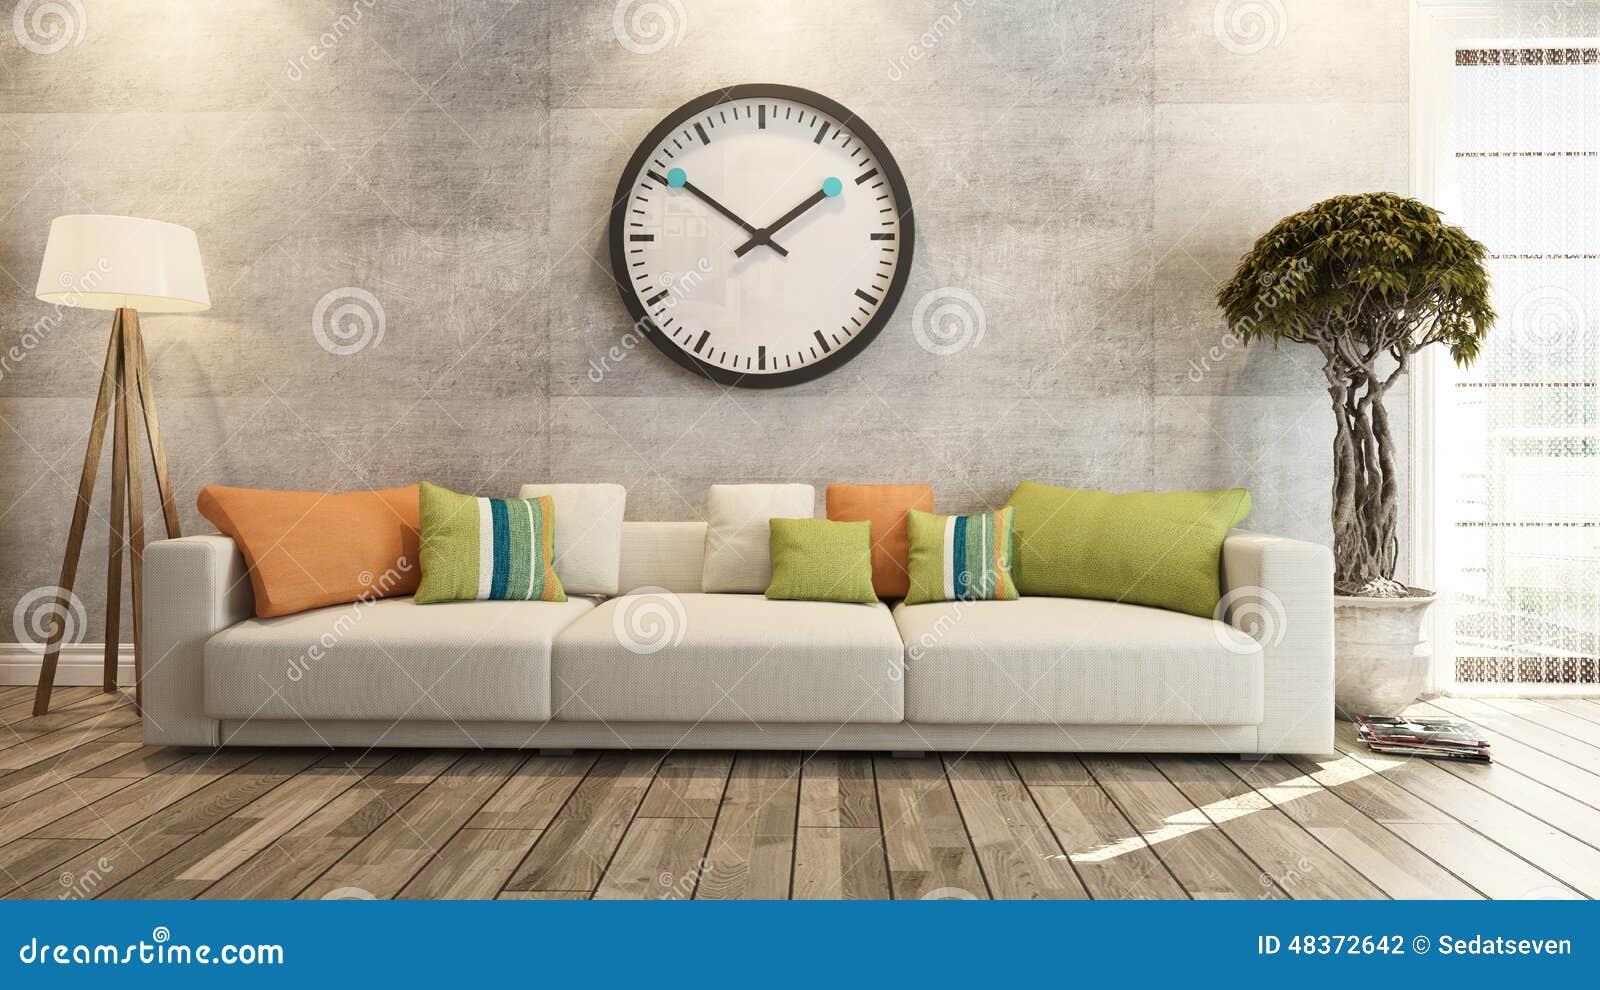 Woonkamer aan de muur deco - Deco woonkamer aan de muur wit ...